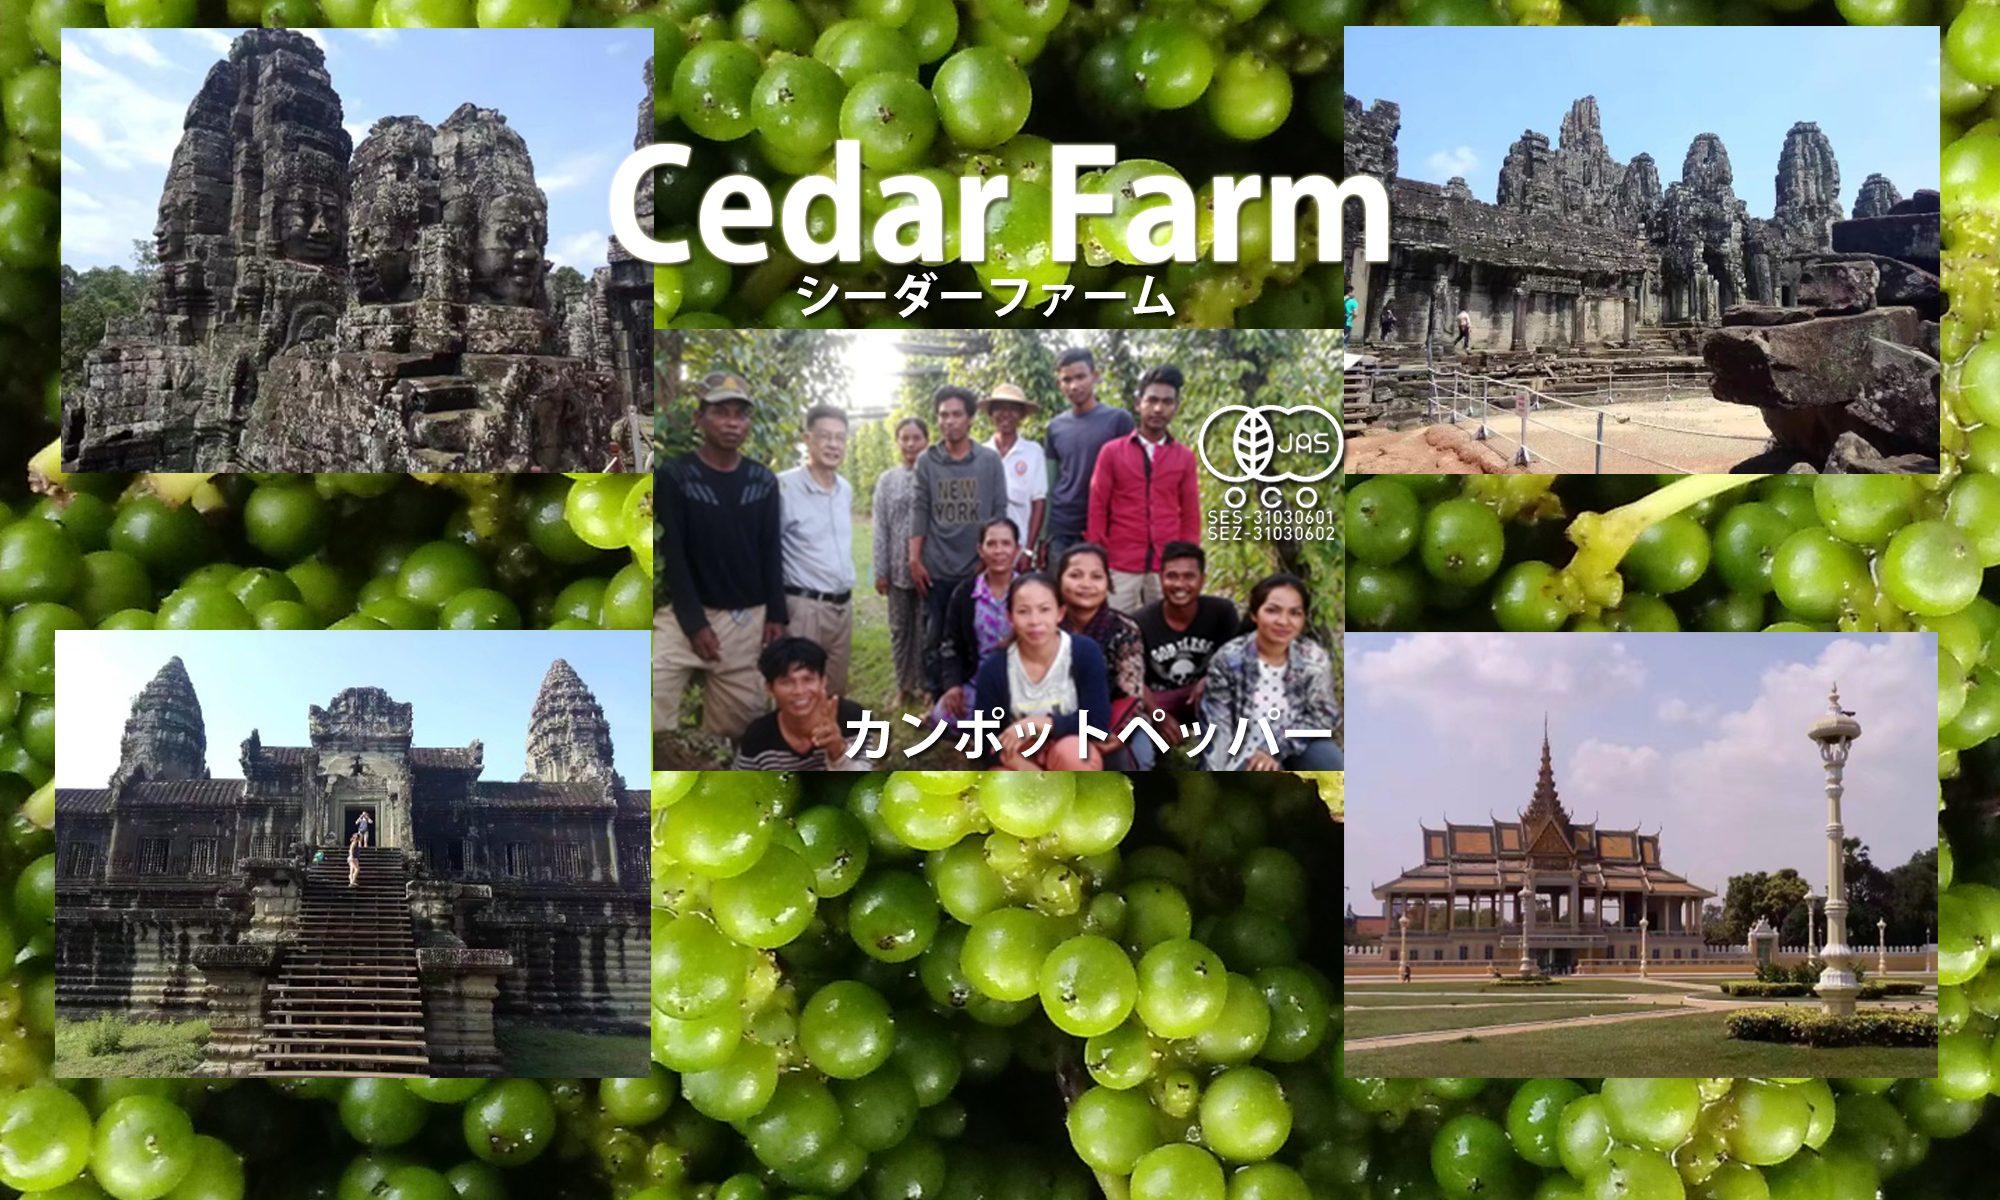 オーガニック胡椒のお求めは「Cedar Farm」